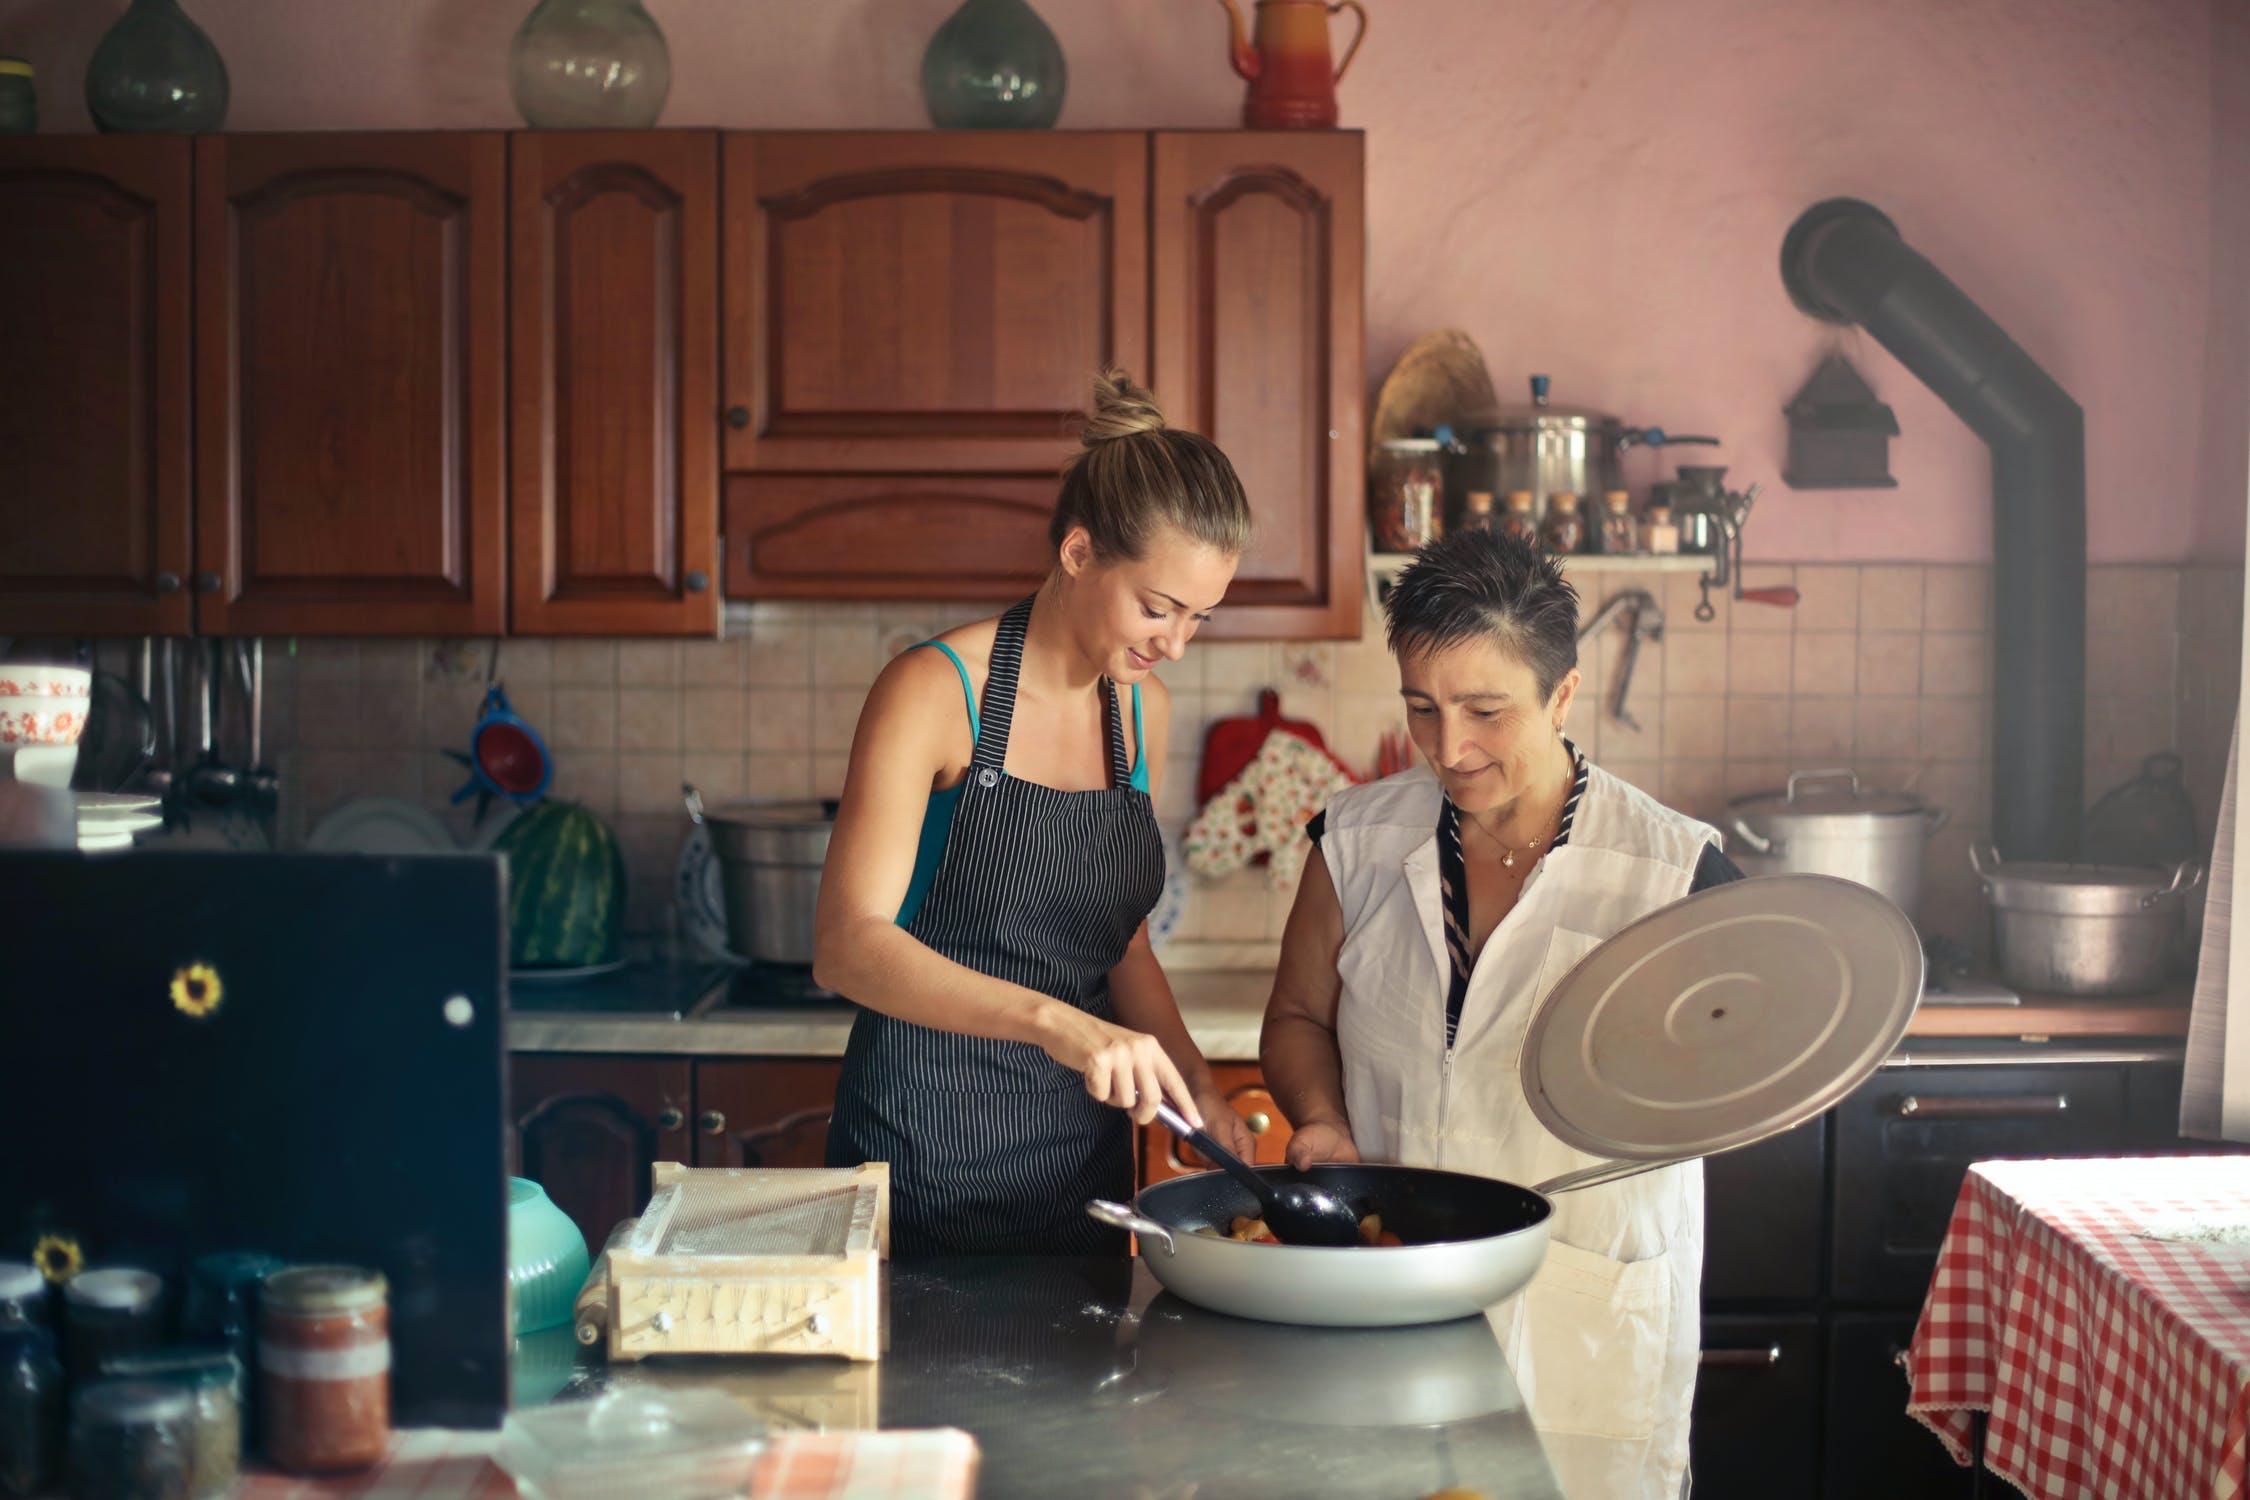 kitchen appliance, thelashop, wholesale kitchen supplies